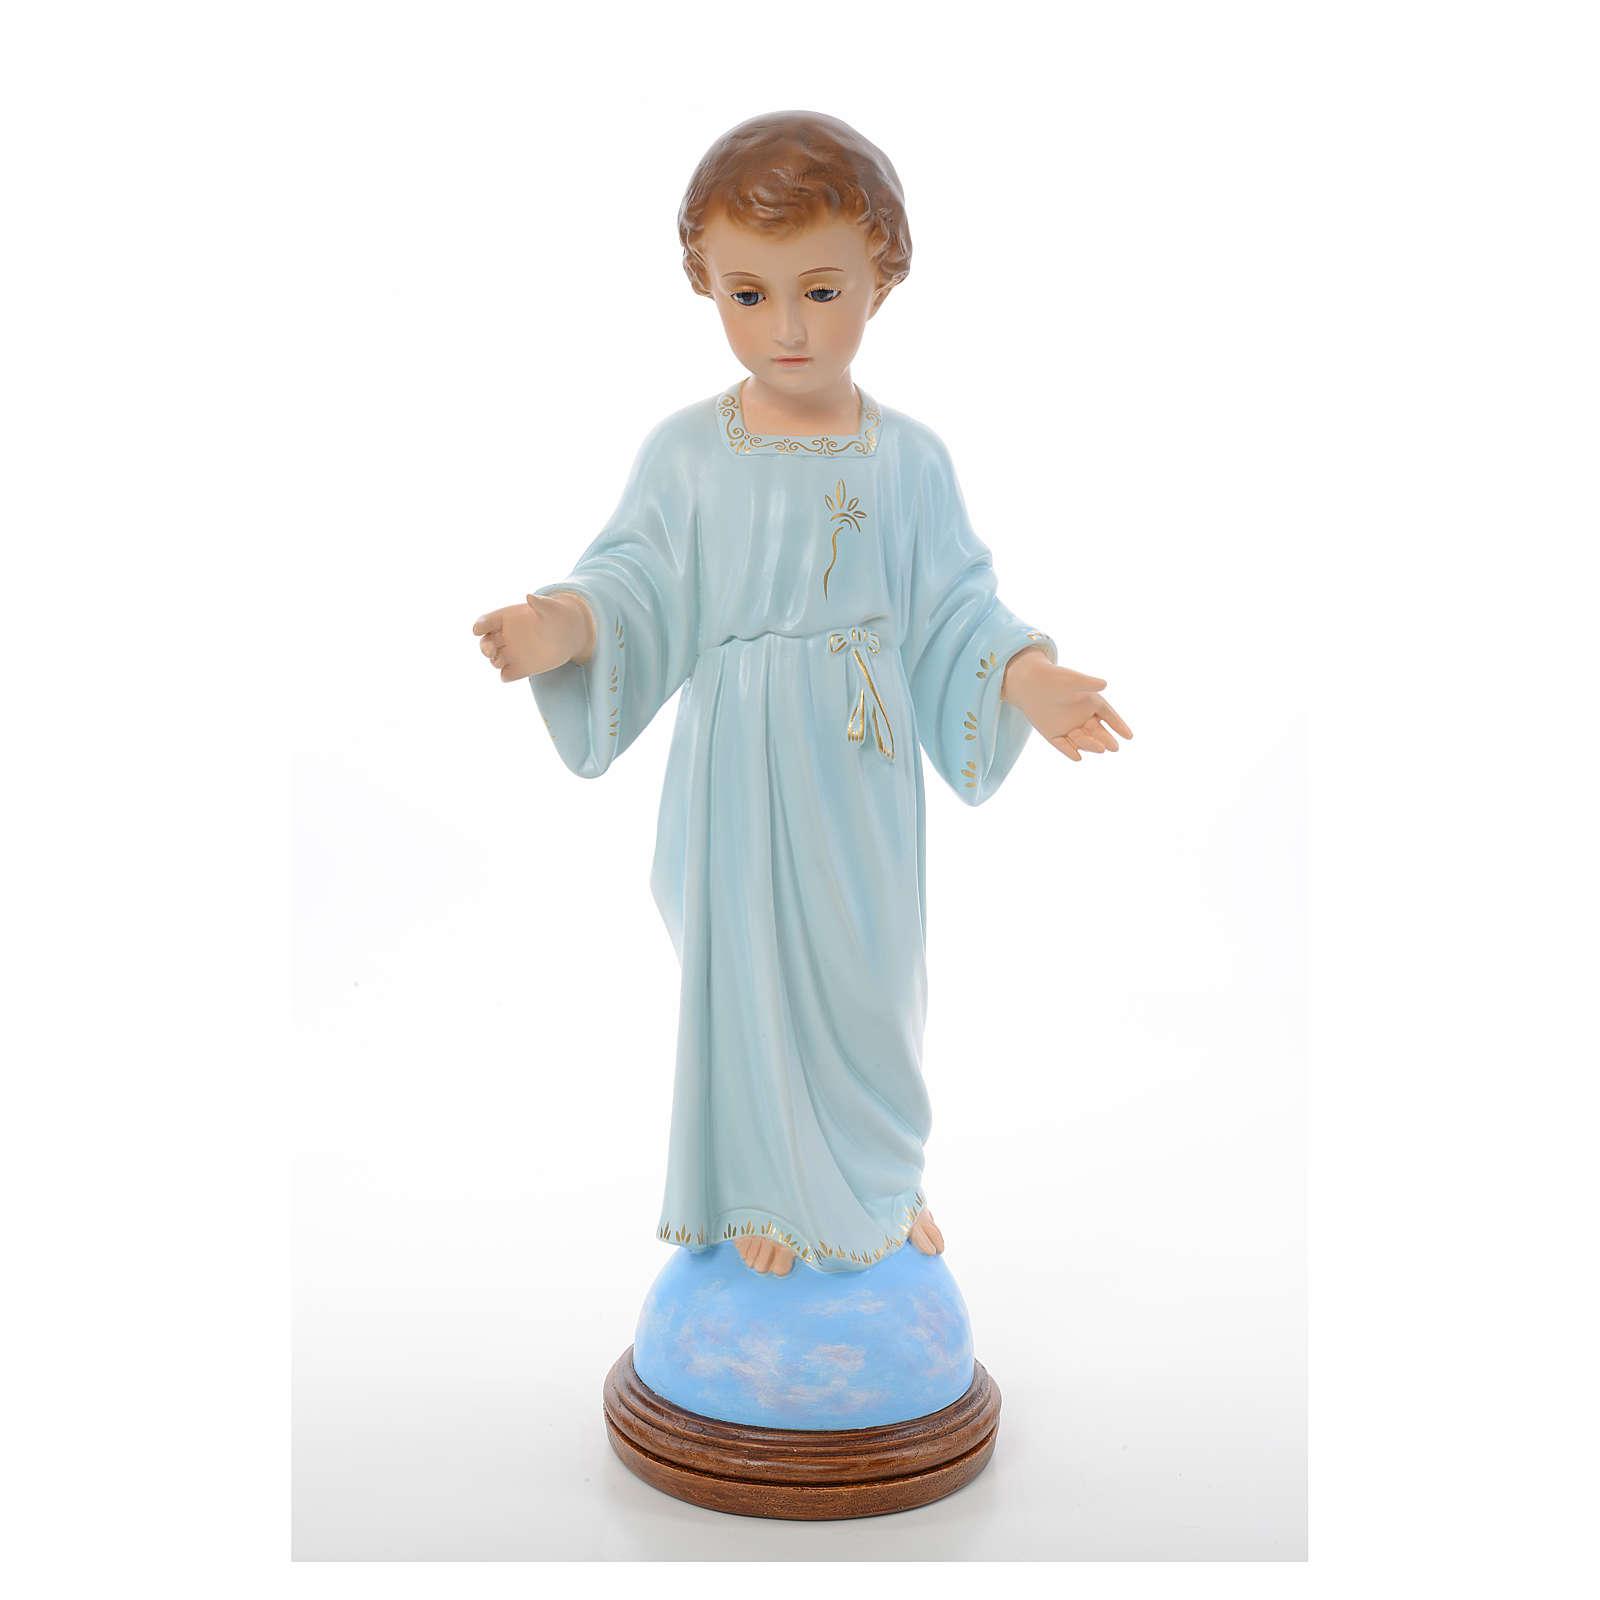 Enfant debout Sainte enfance 55cm yeux en cristal Landi 3